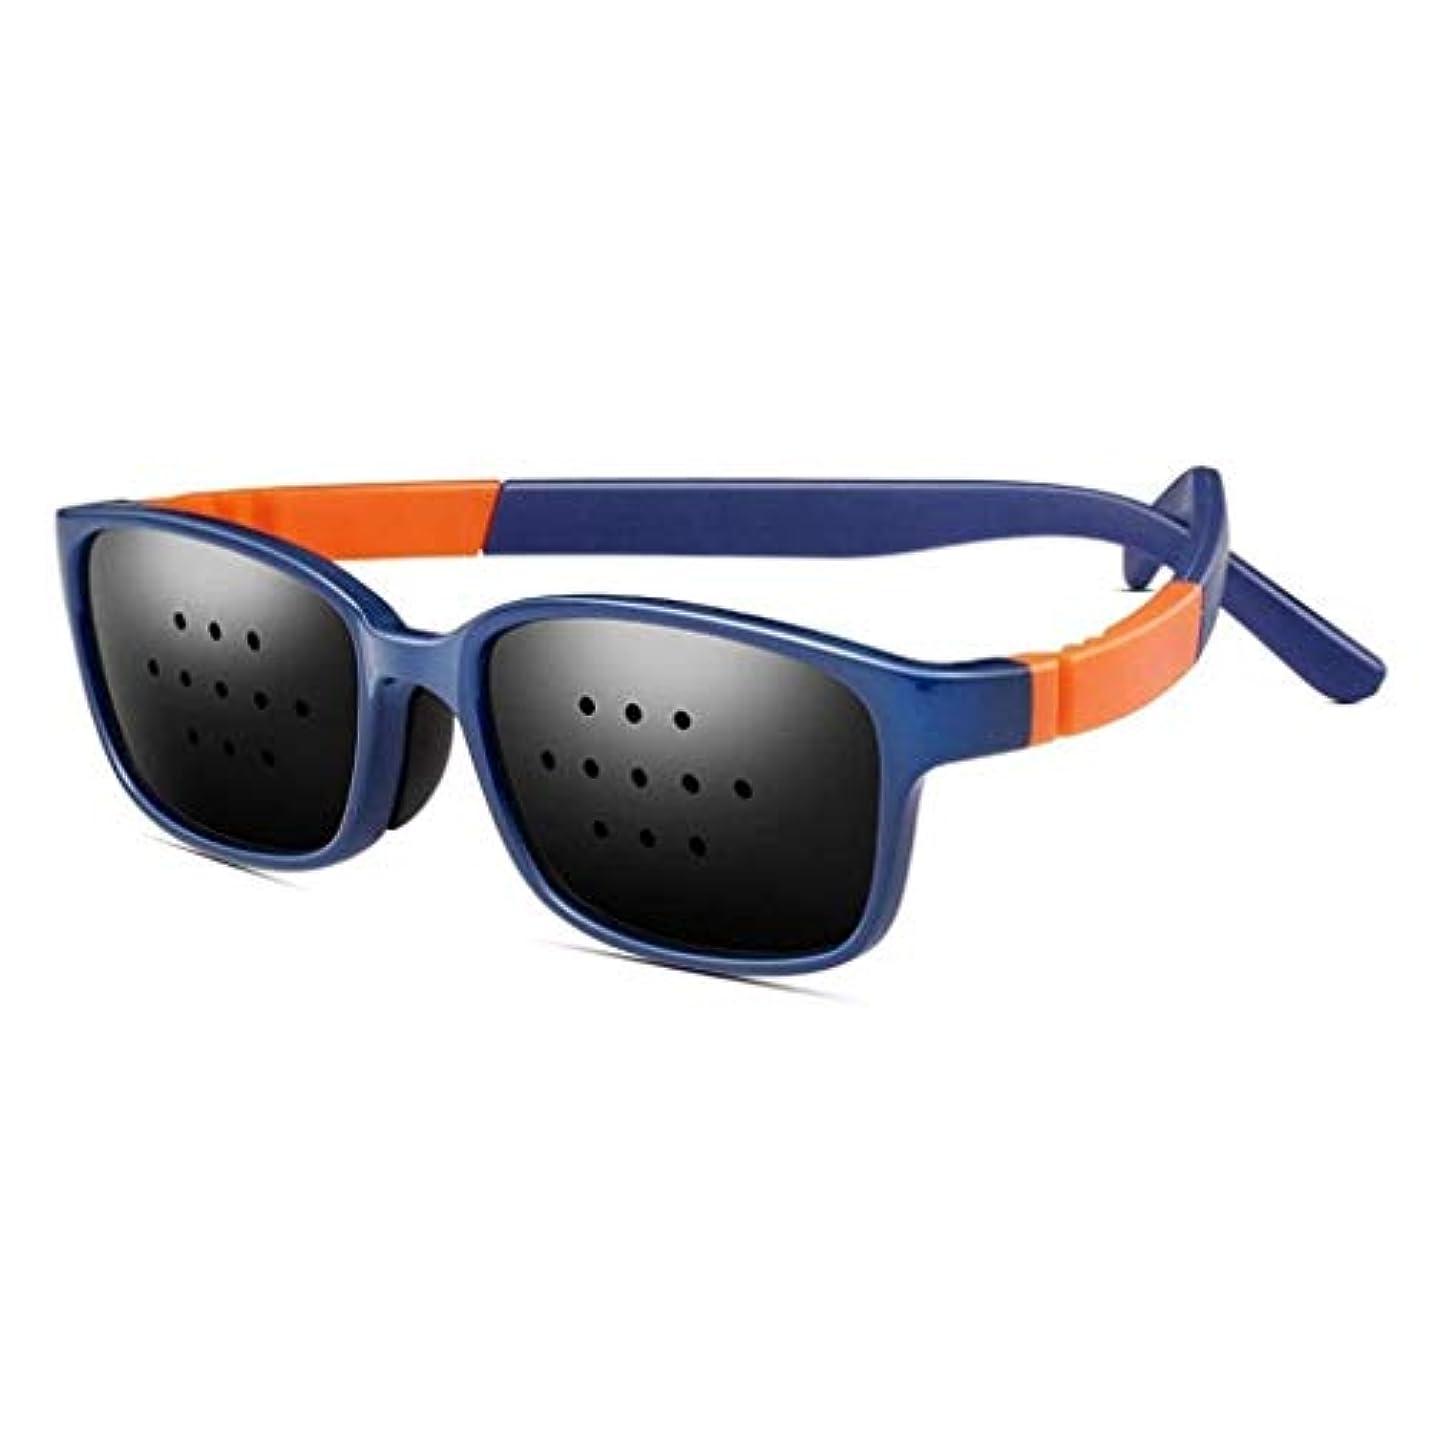 エイズストライプ動詞ピンホールメガネ、視力矯正メガネ網状視力保護メガネ耐疲労性メガネ近視の防止メガネの改善 (Color : 青)